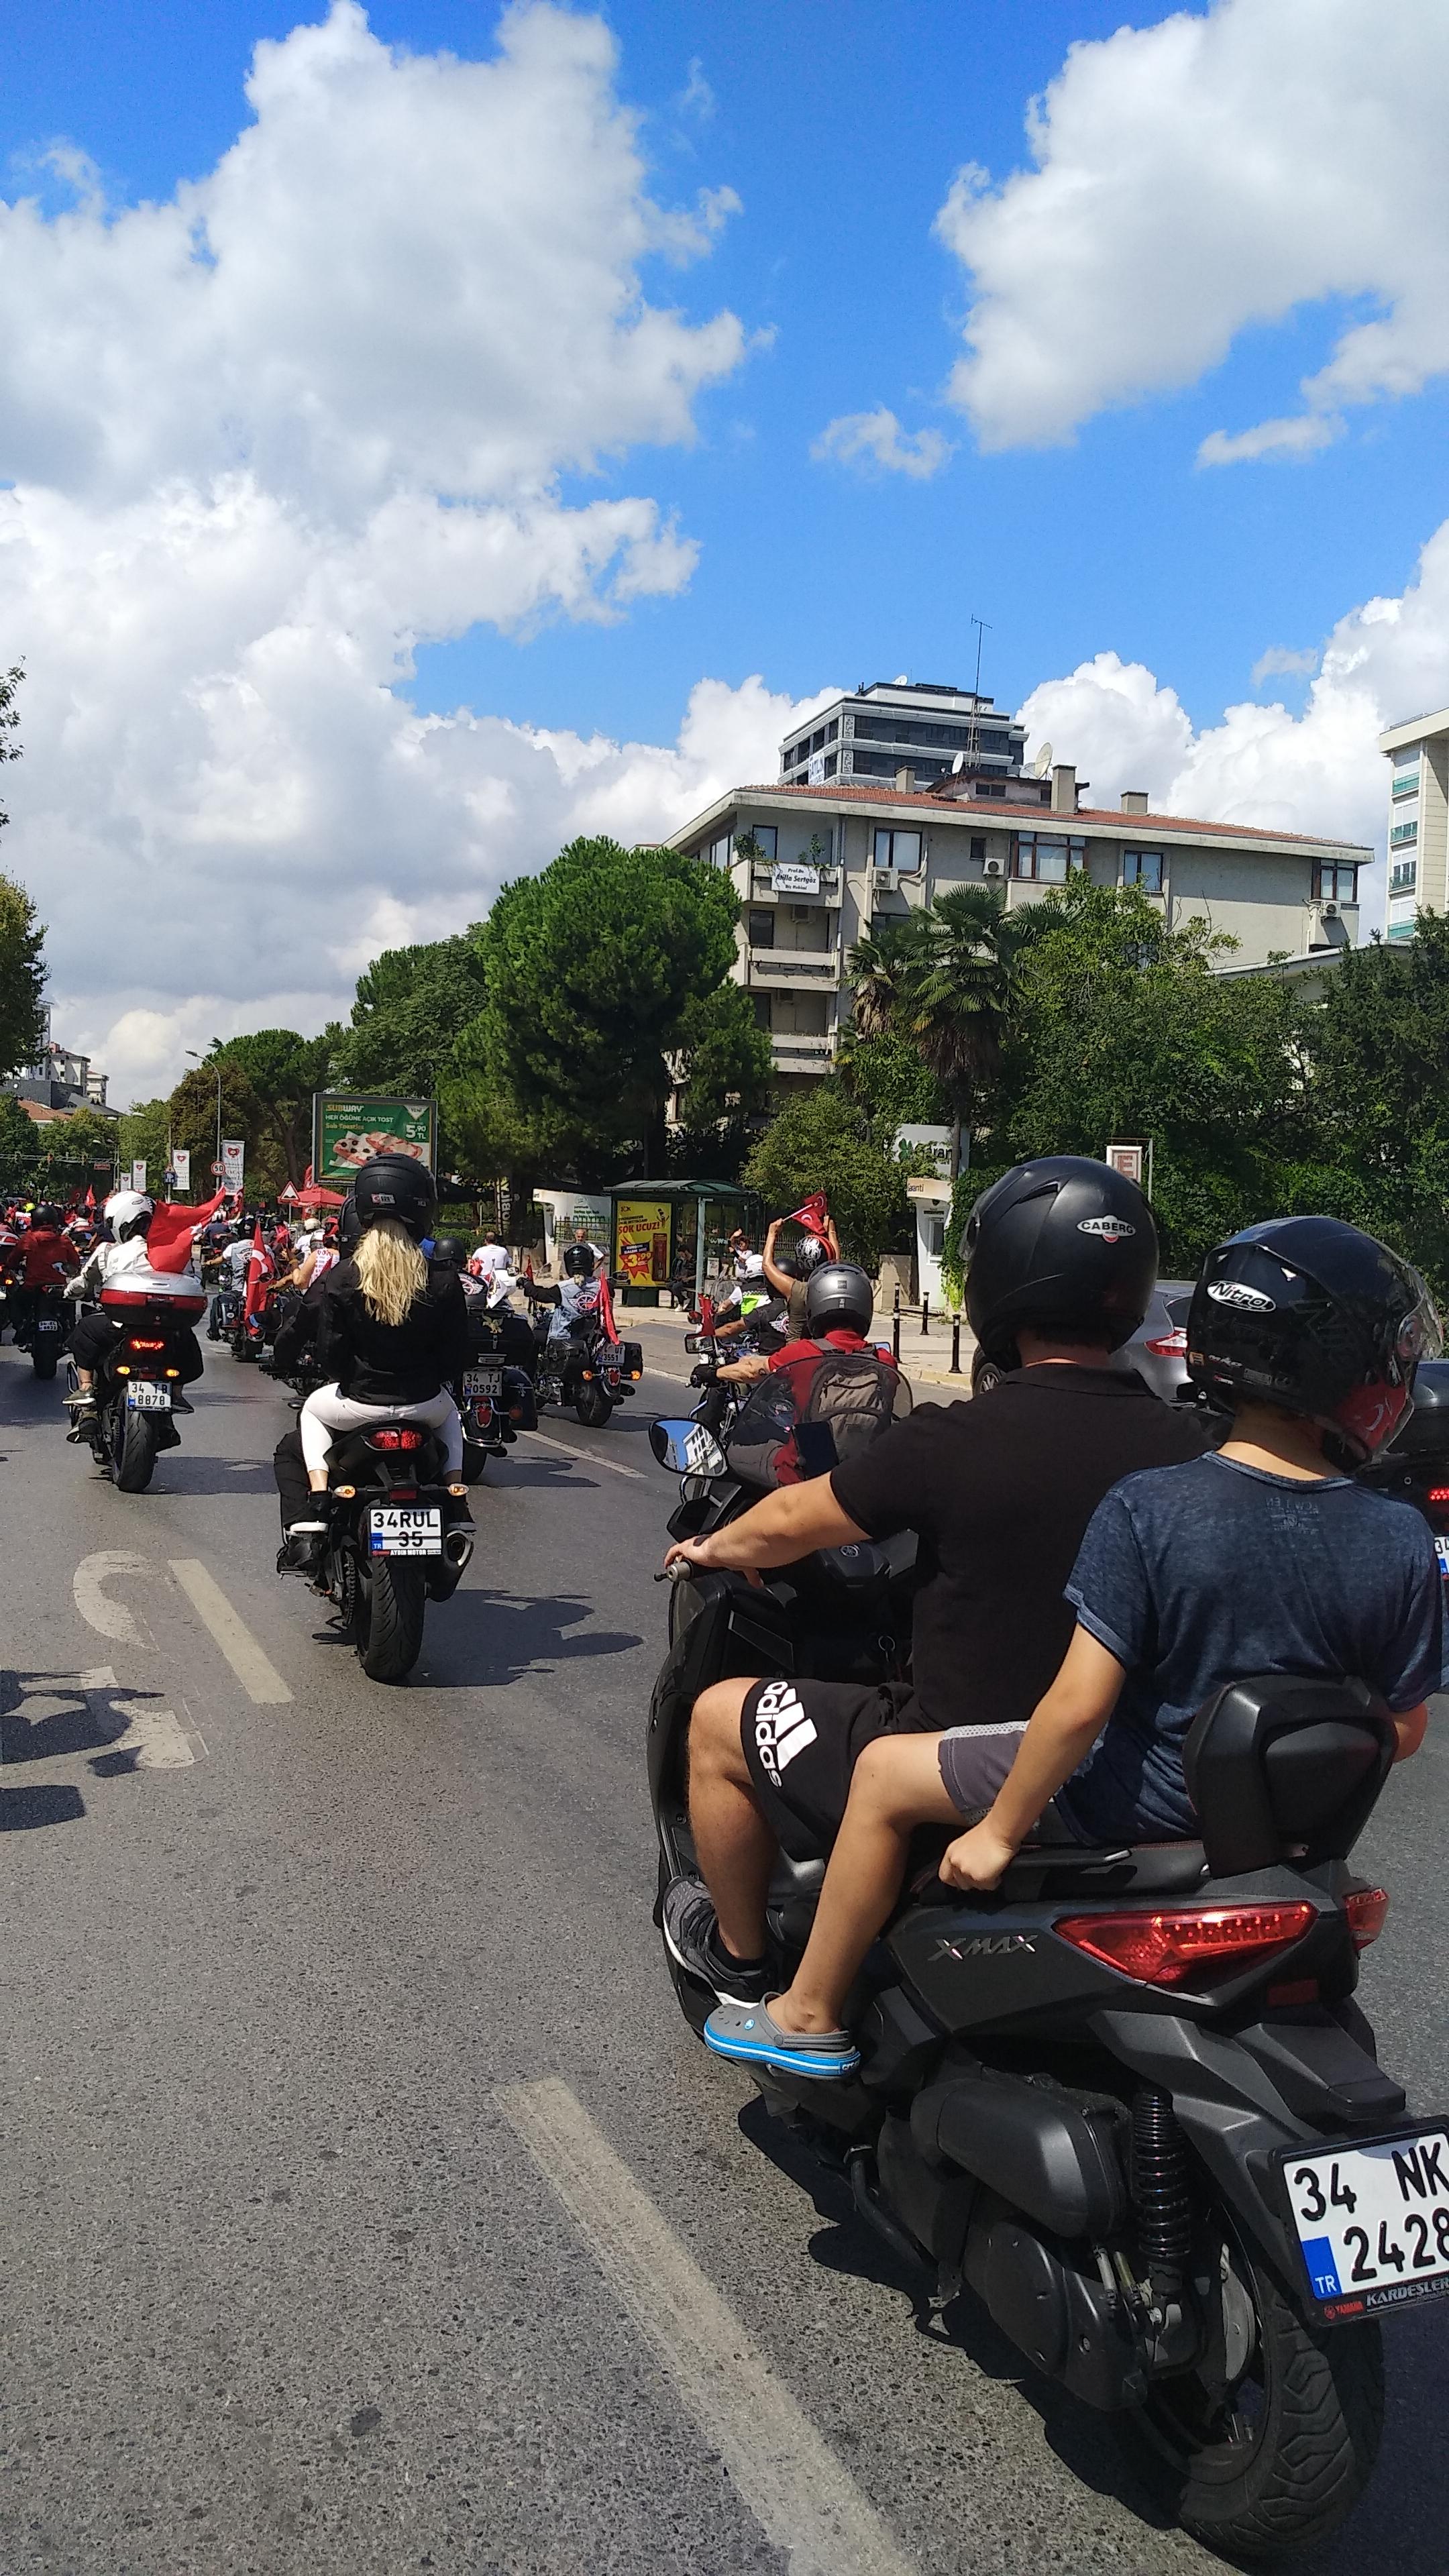 30 Ağustos Zafer Bayramı Motosiklet Sürüşü Bağdat caddesi